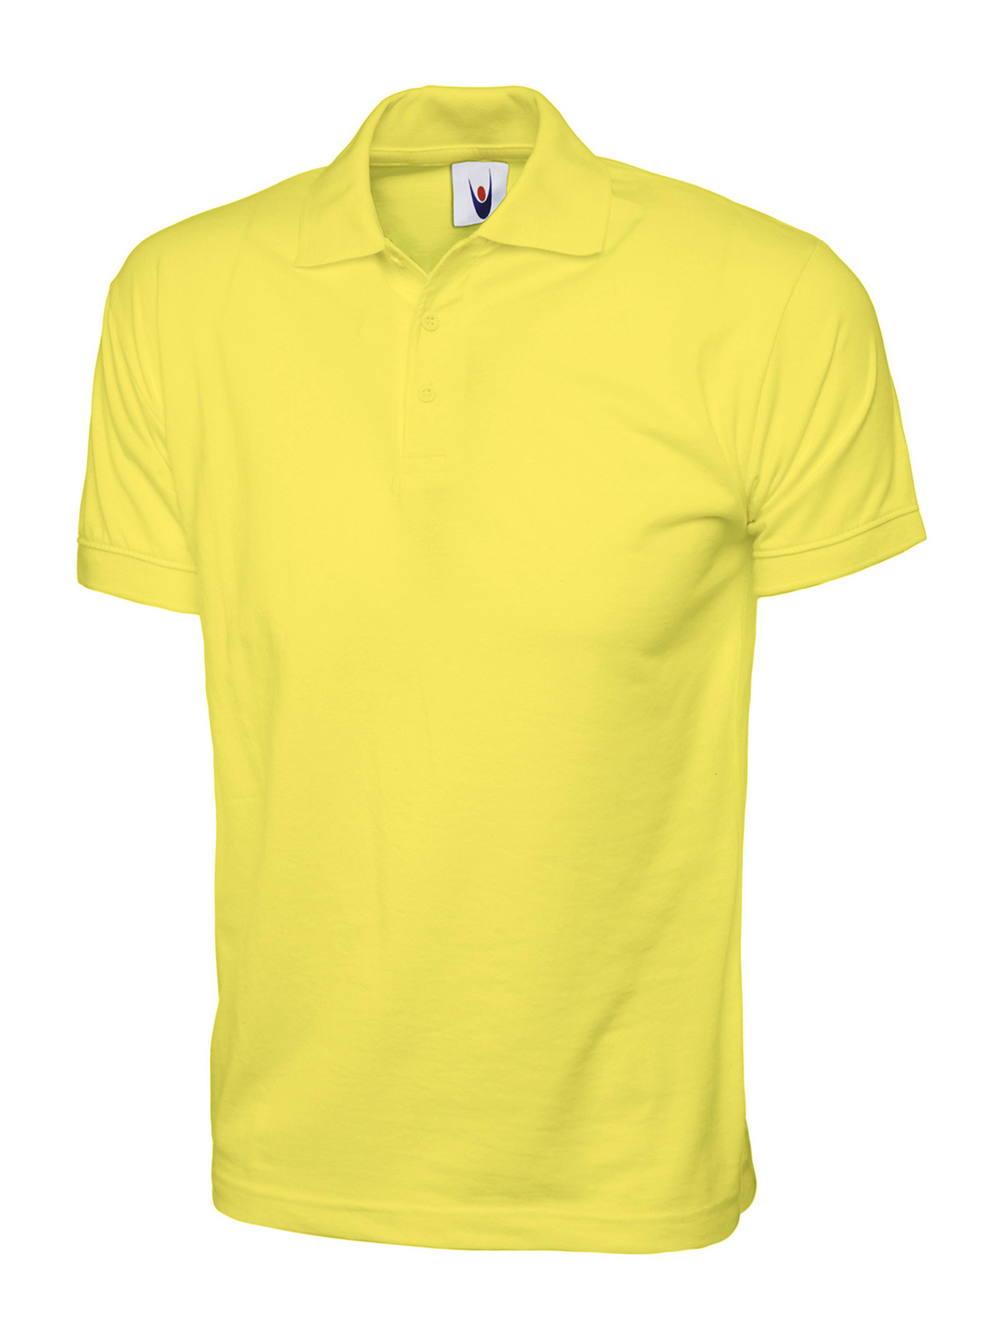 Uneek Jersey Poloshirt